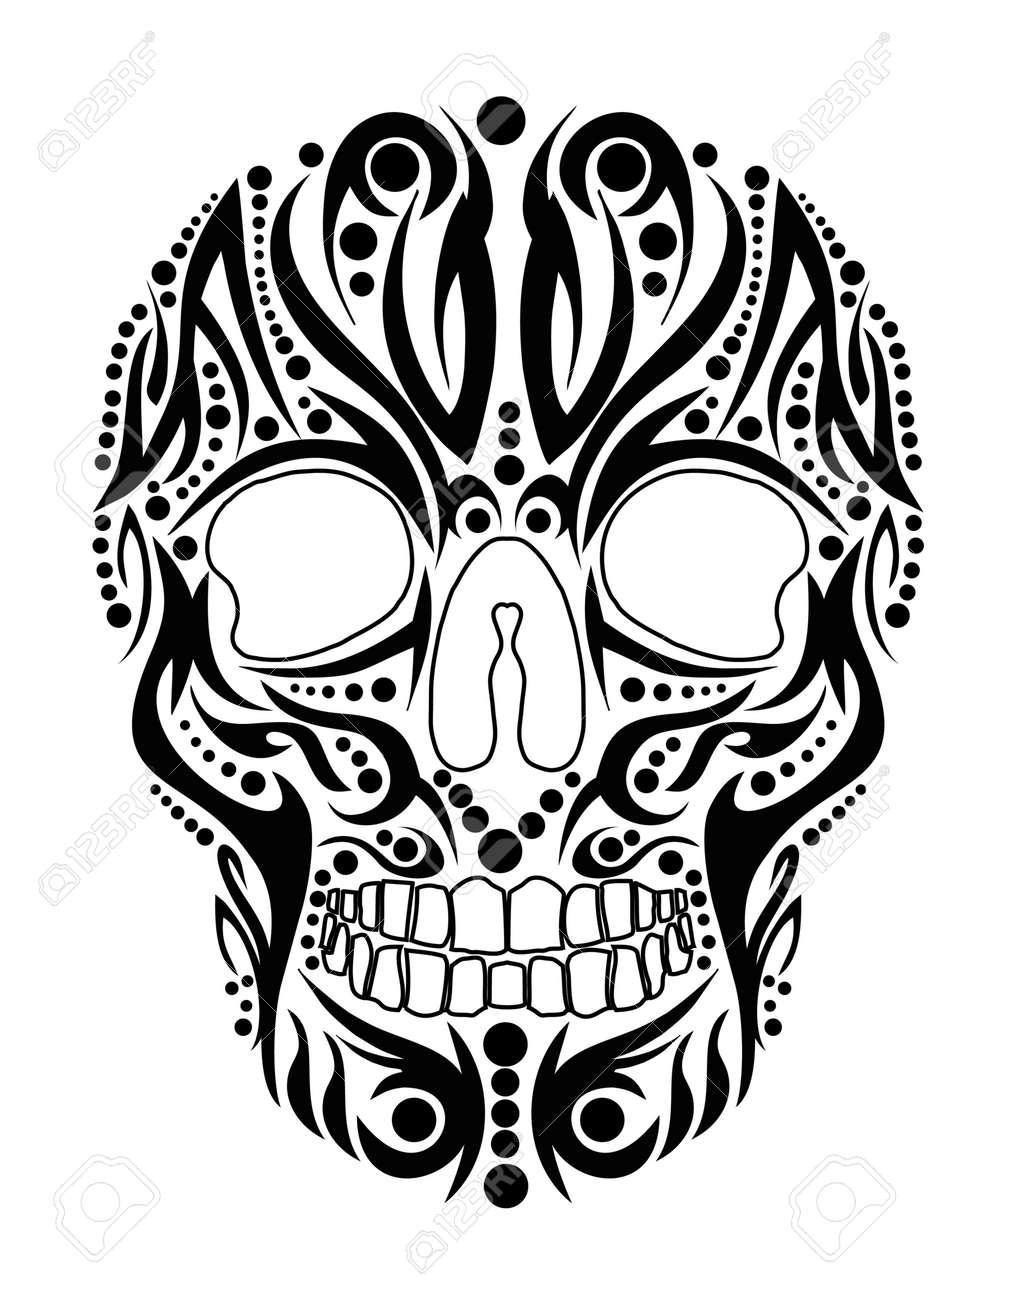 tattoo tribal skull vector art royalty free cliparts vectors and rh 123rf com free skull vector art skull vector free download